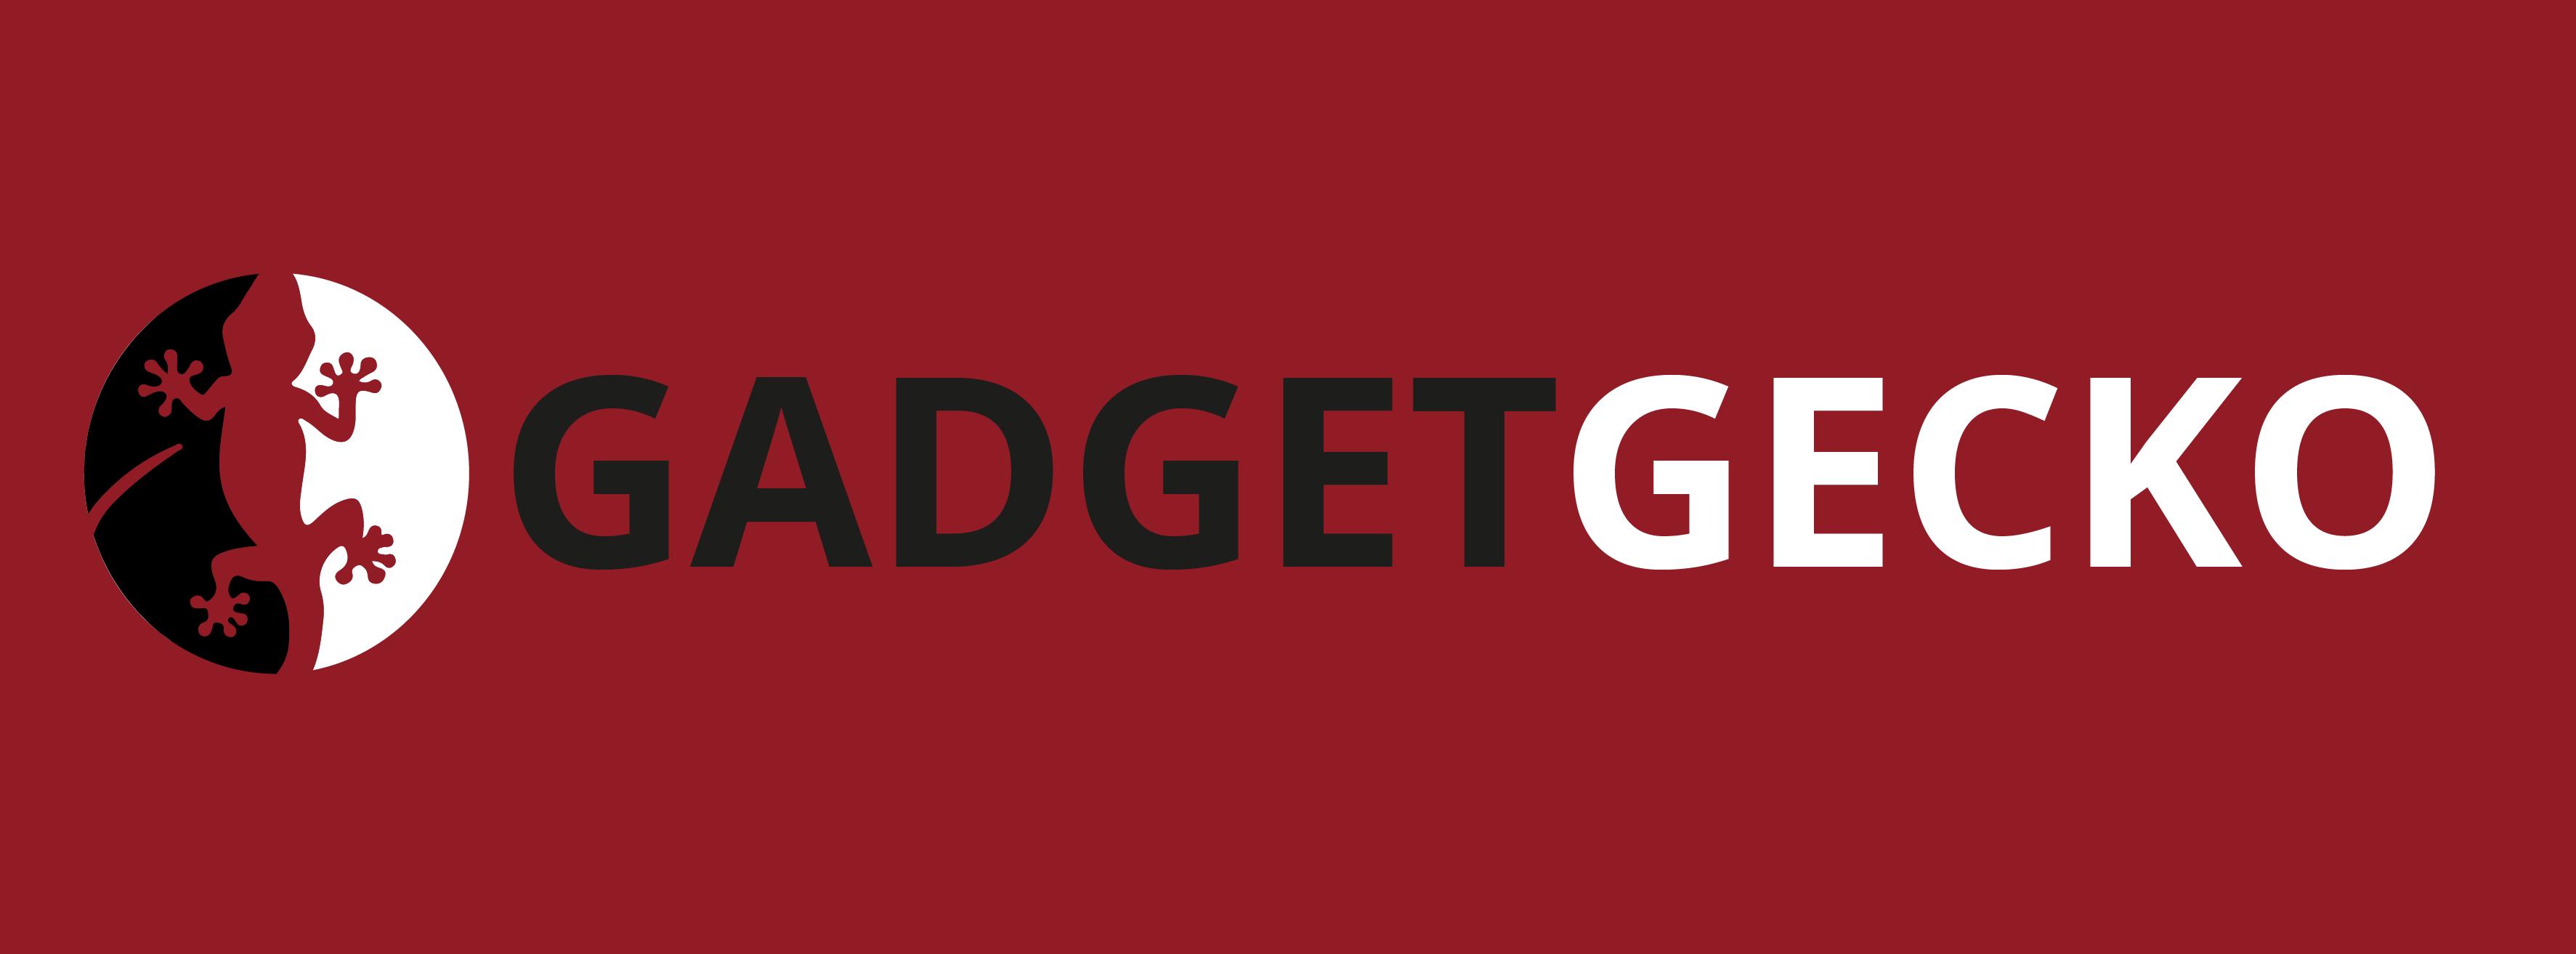 Gadgetgecko.de Logo